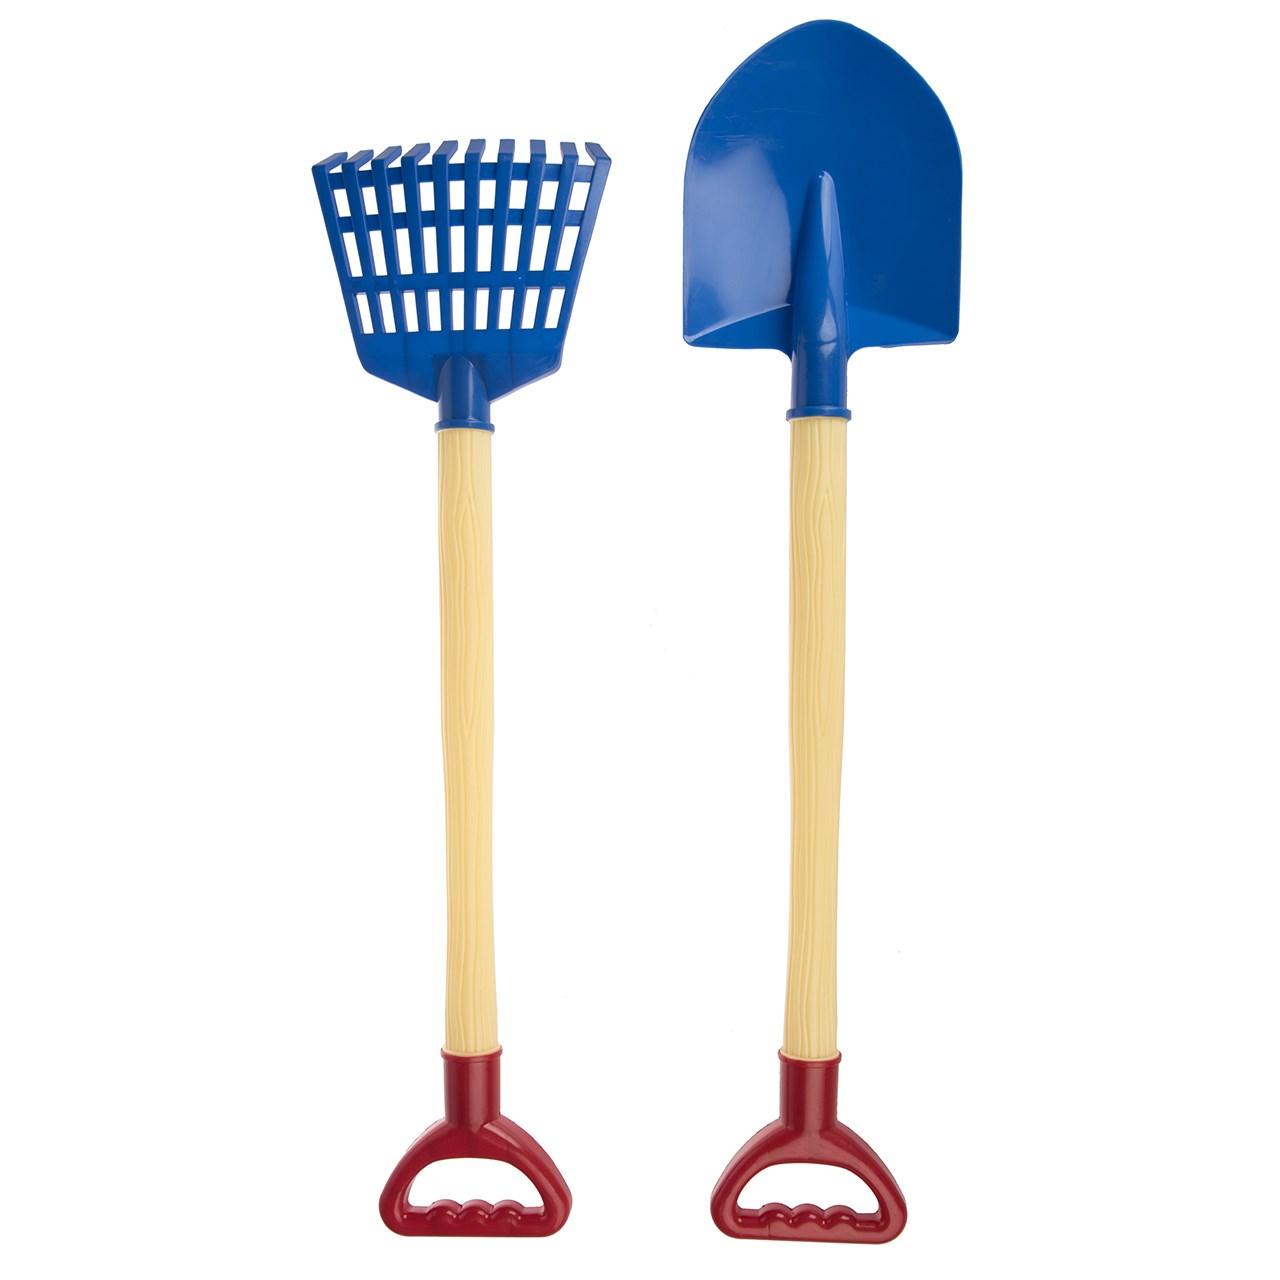 ابزار شن بازی زرین تویز مدل Shovels And Rakes E1